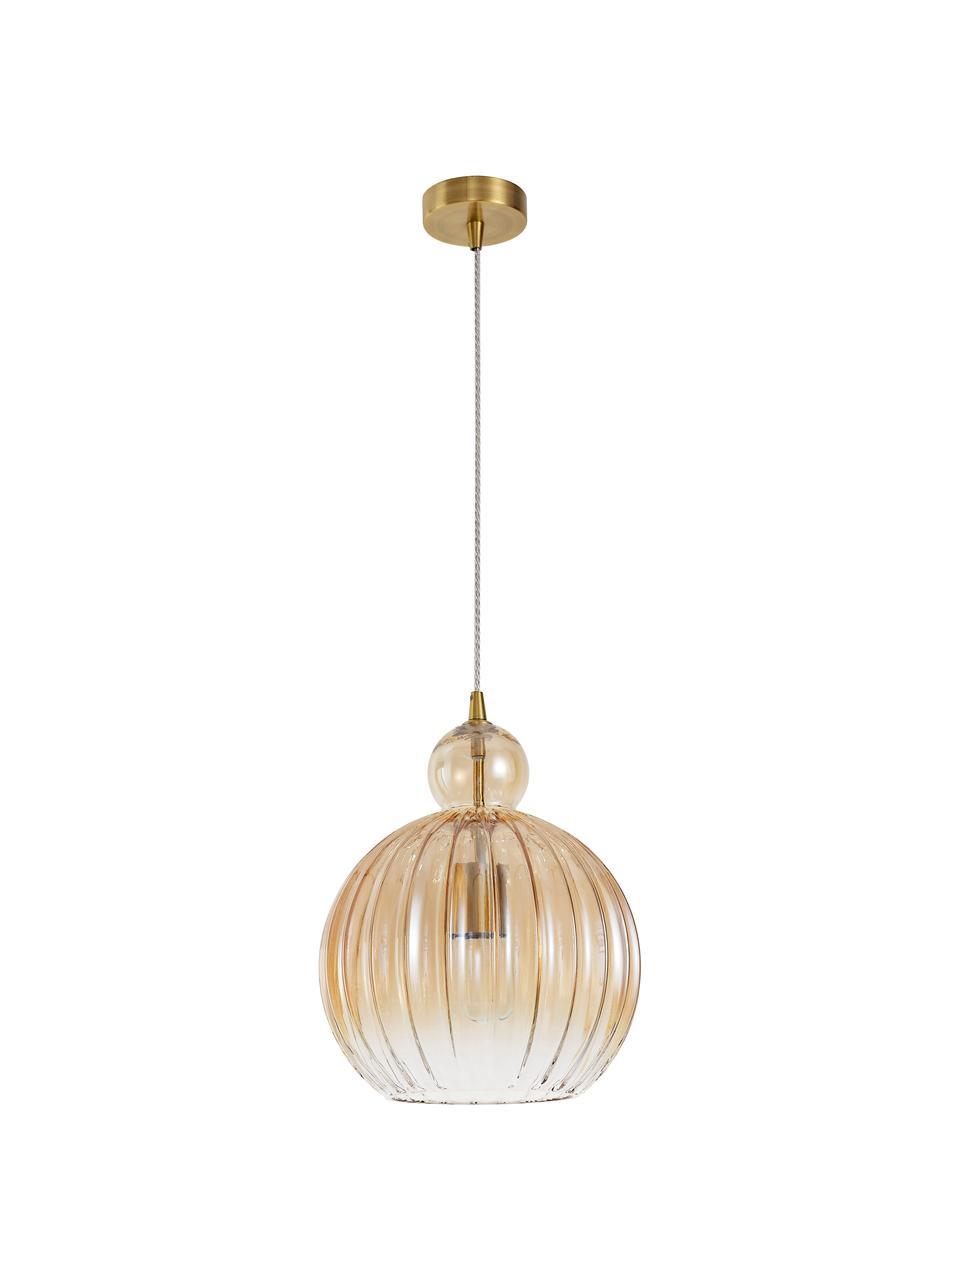 Lampa wisząca ze szkła Odell, Odcienie mosiądzu, odcienie bursztynowego, Ø 28 x W 36 cm